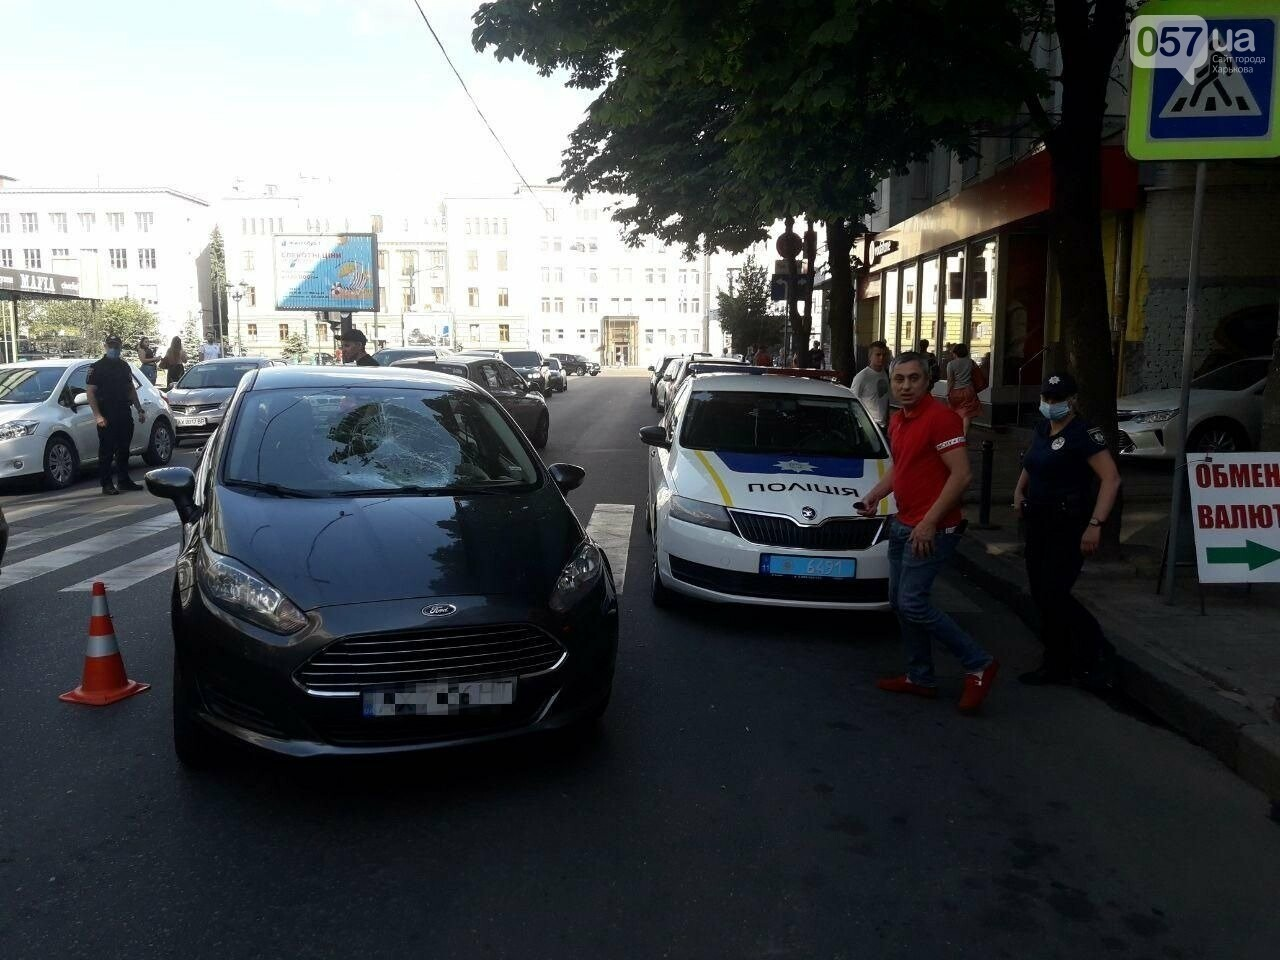 """На """"Пушкинской"""" легковое авто сбило пешехода на """"зебре"""": пострадавший в больнице, - ФОТО, фото-11"""